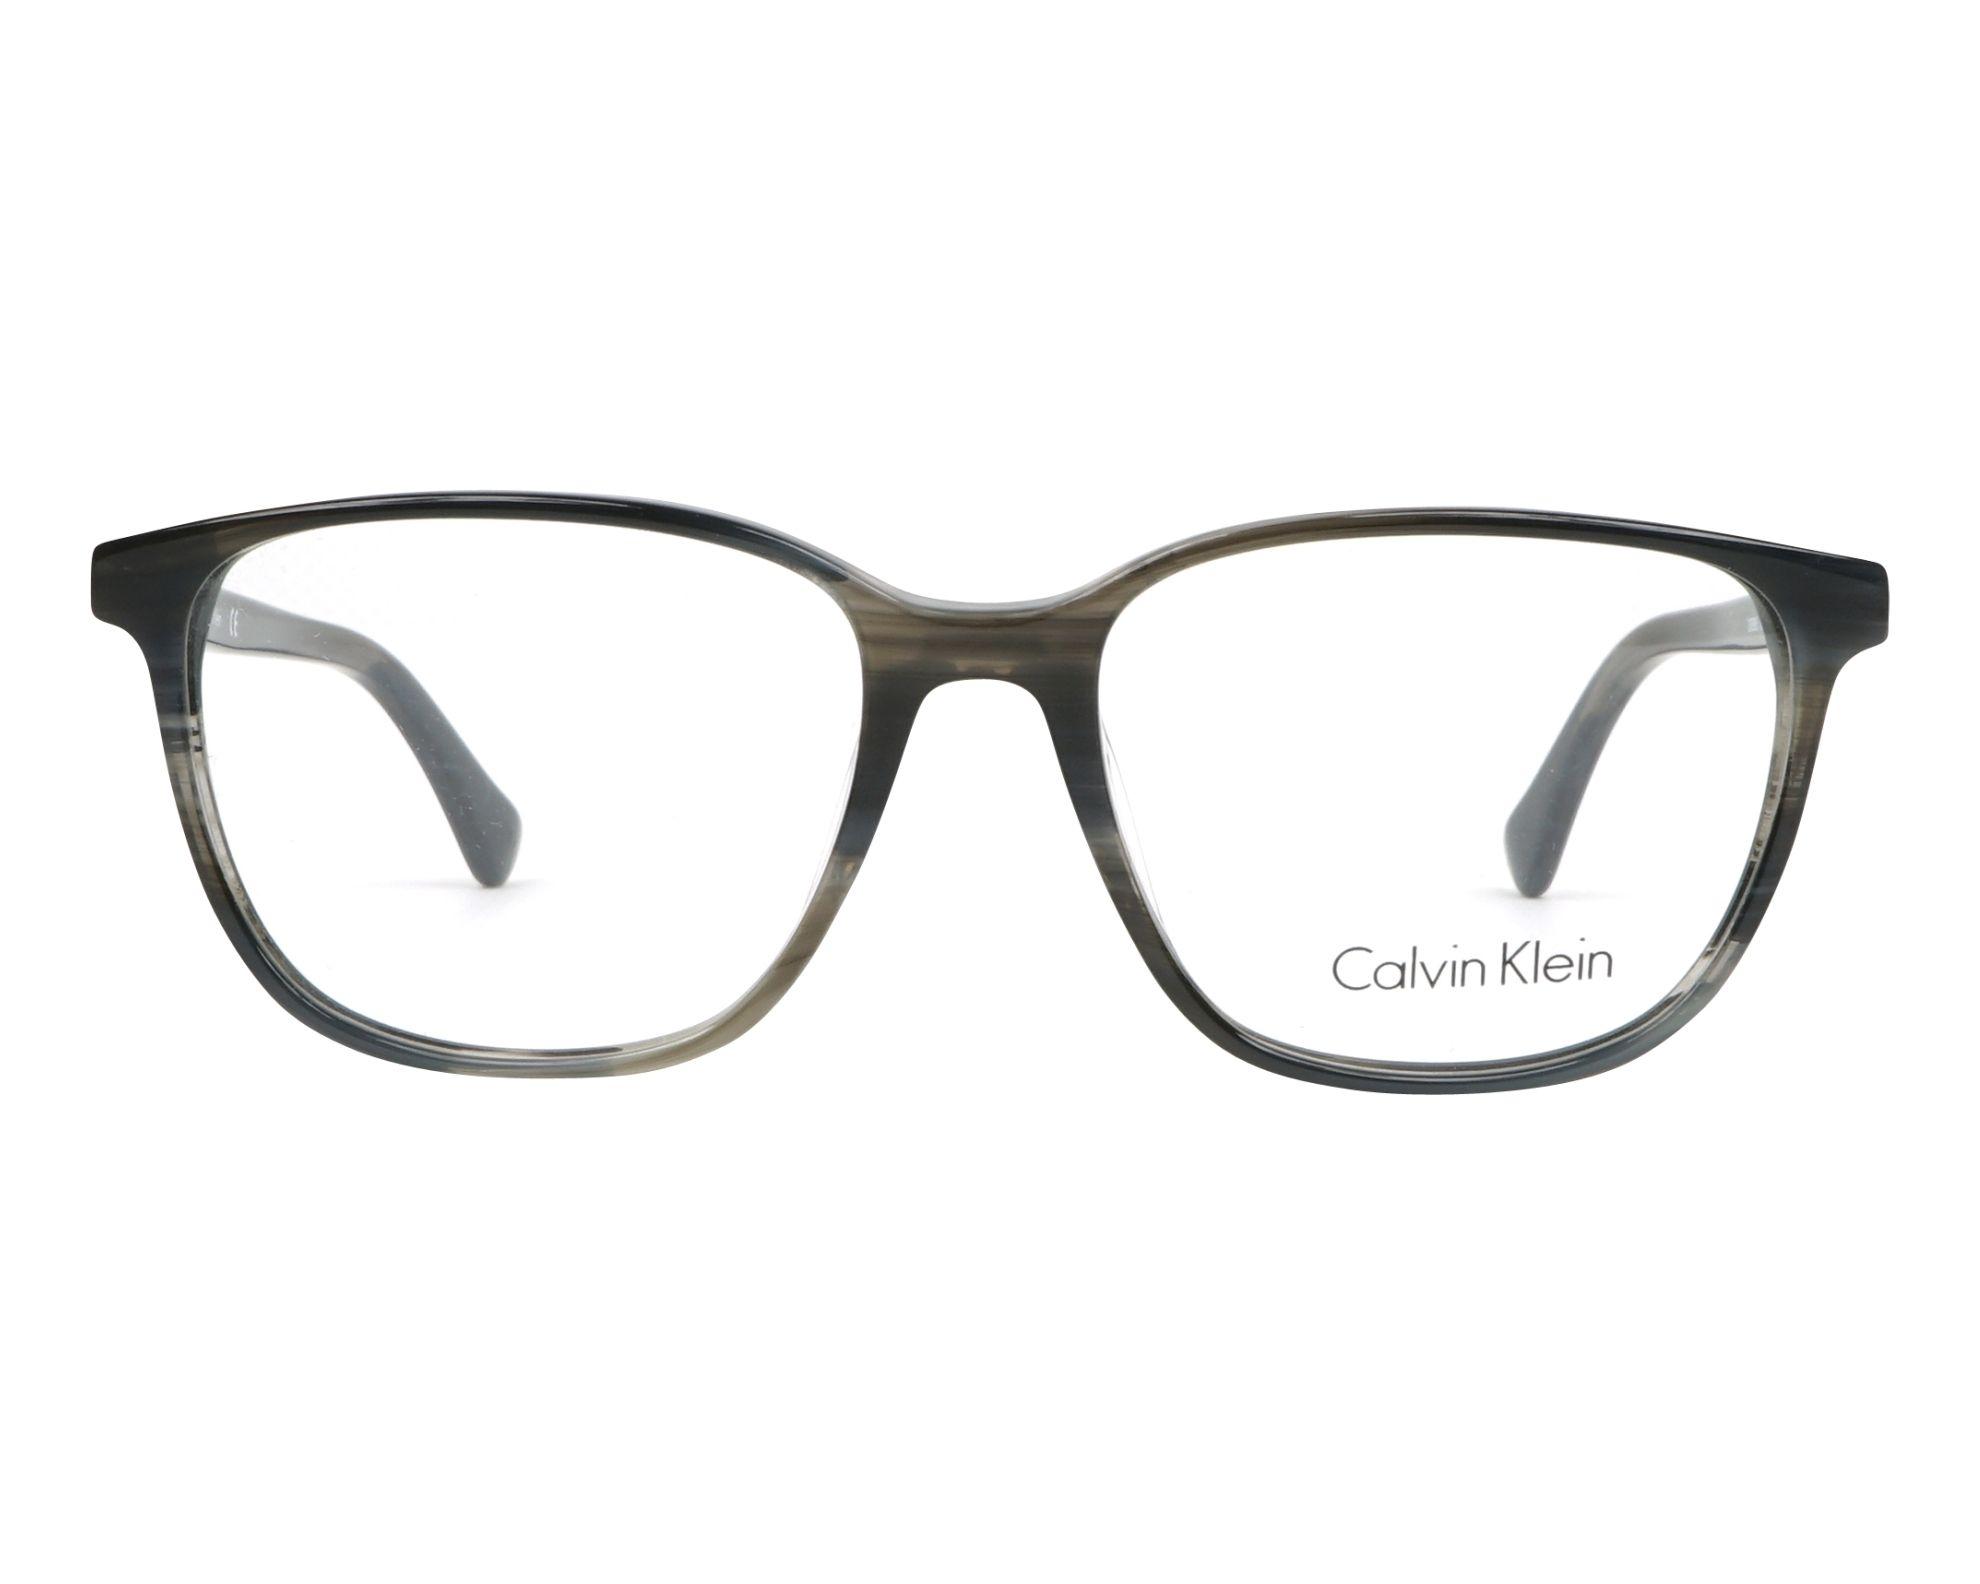 Tropfenverschiffen offizieller Laden wähle das Neueste Calvin Klein Brille CK-5885 043